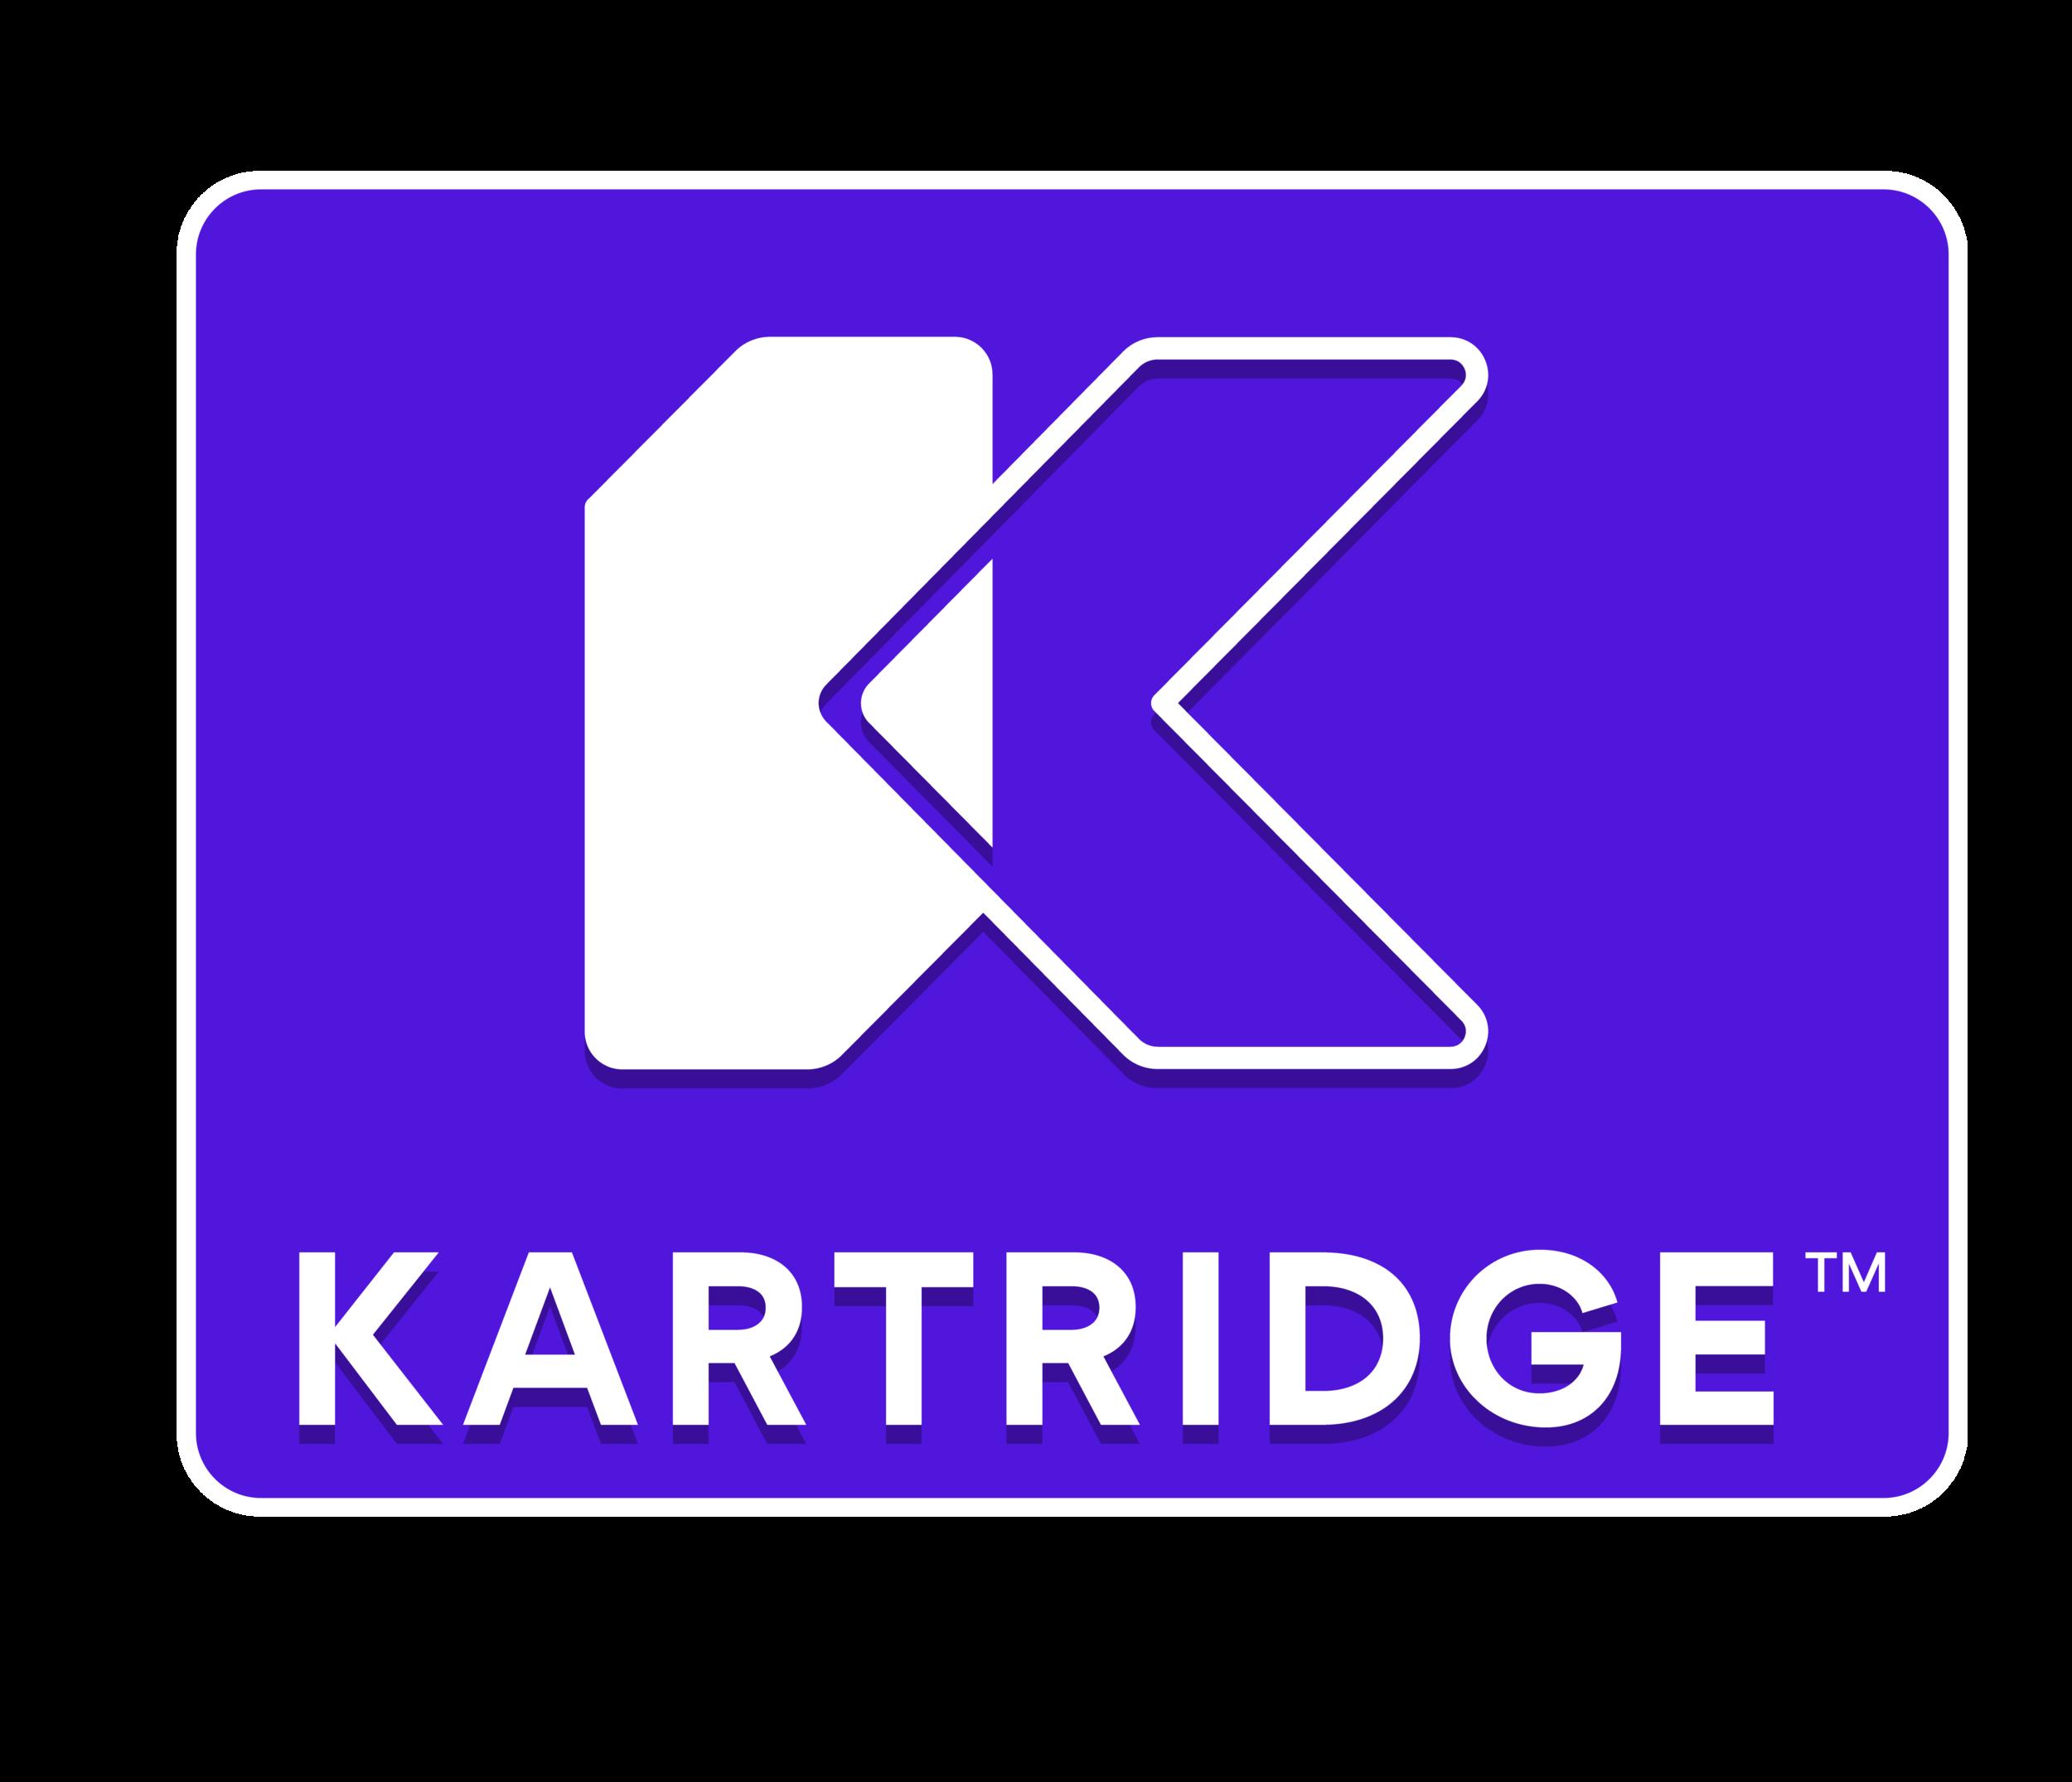 Kartridge-Vertical-Logos-Negative02.png